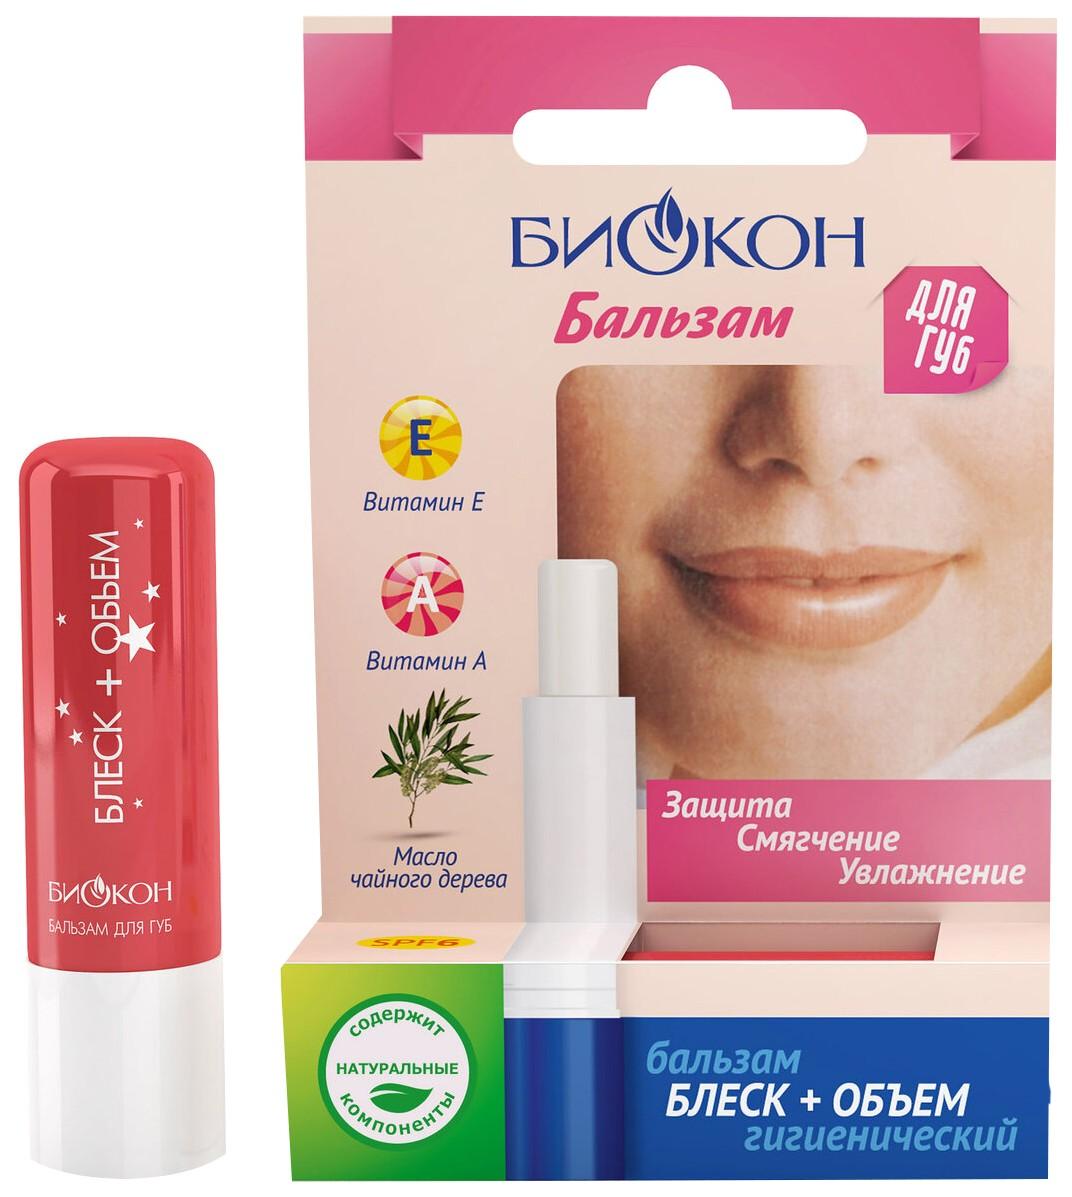 Купить Бальзам для губ Биокон «Блеск и объем», 4, 6 гр